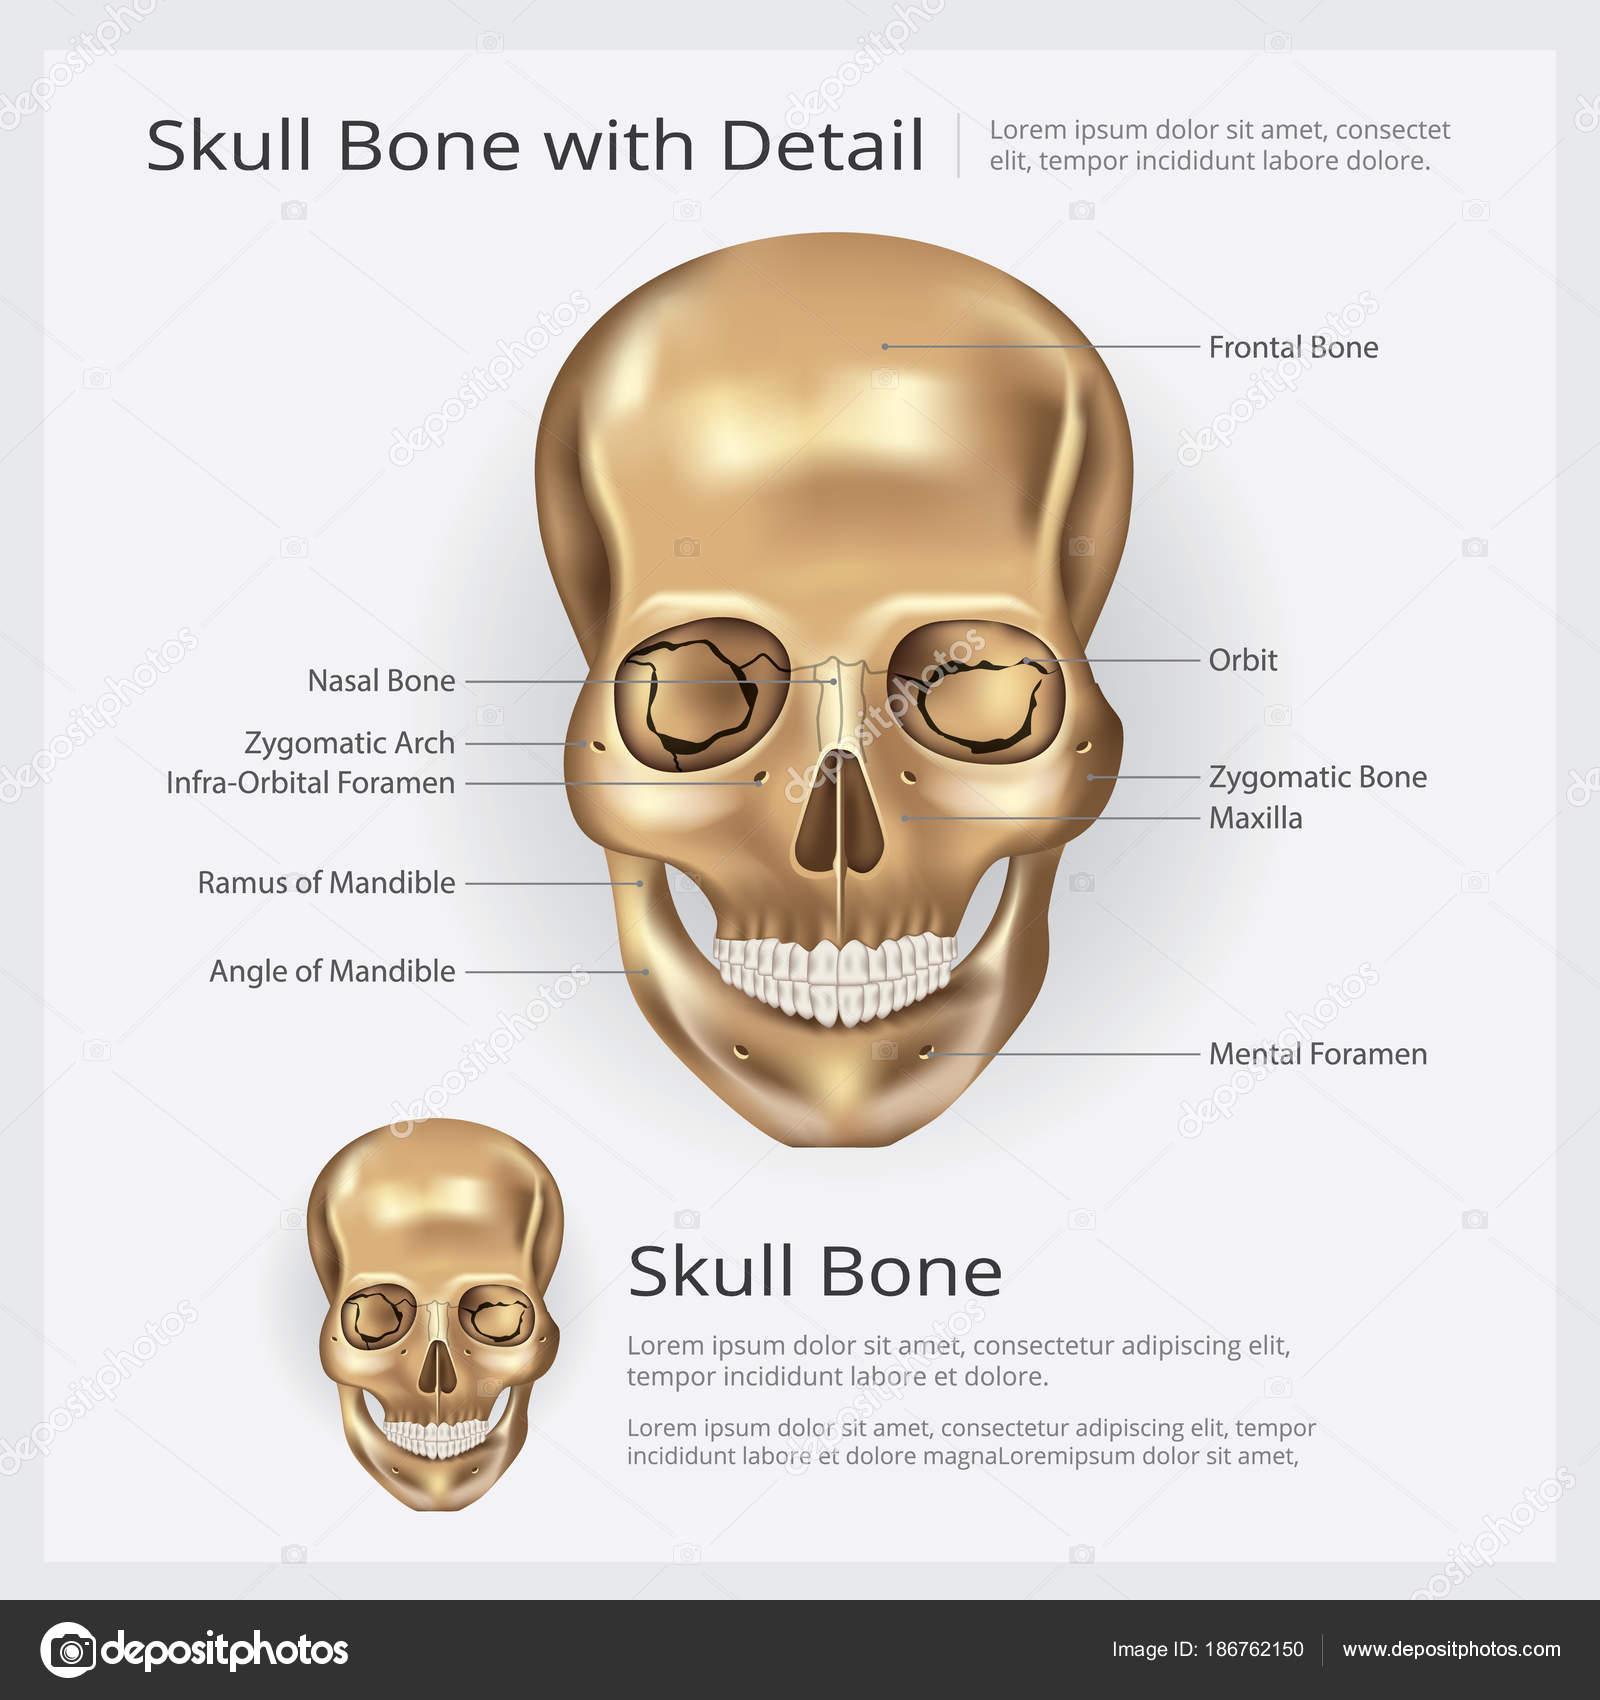 Ilustración Vector Anatomía Ósea Del Cráneo Humano — Archivo ...